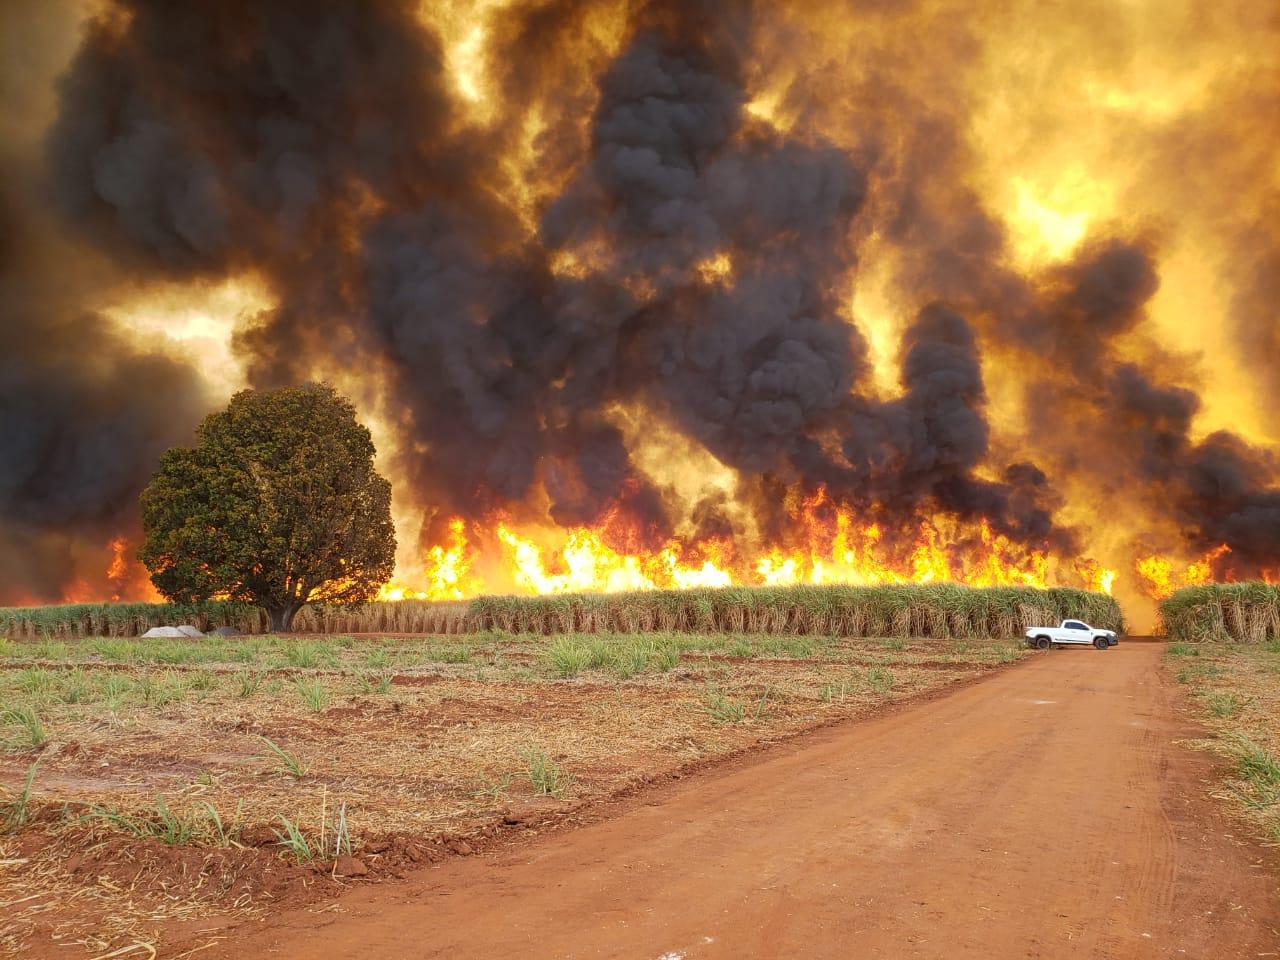 PÂNICO: Incêndio de grandes proporções deixa clima de fim mundo